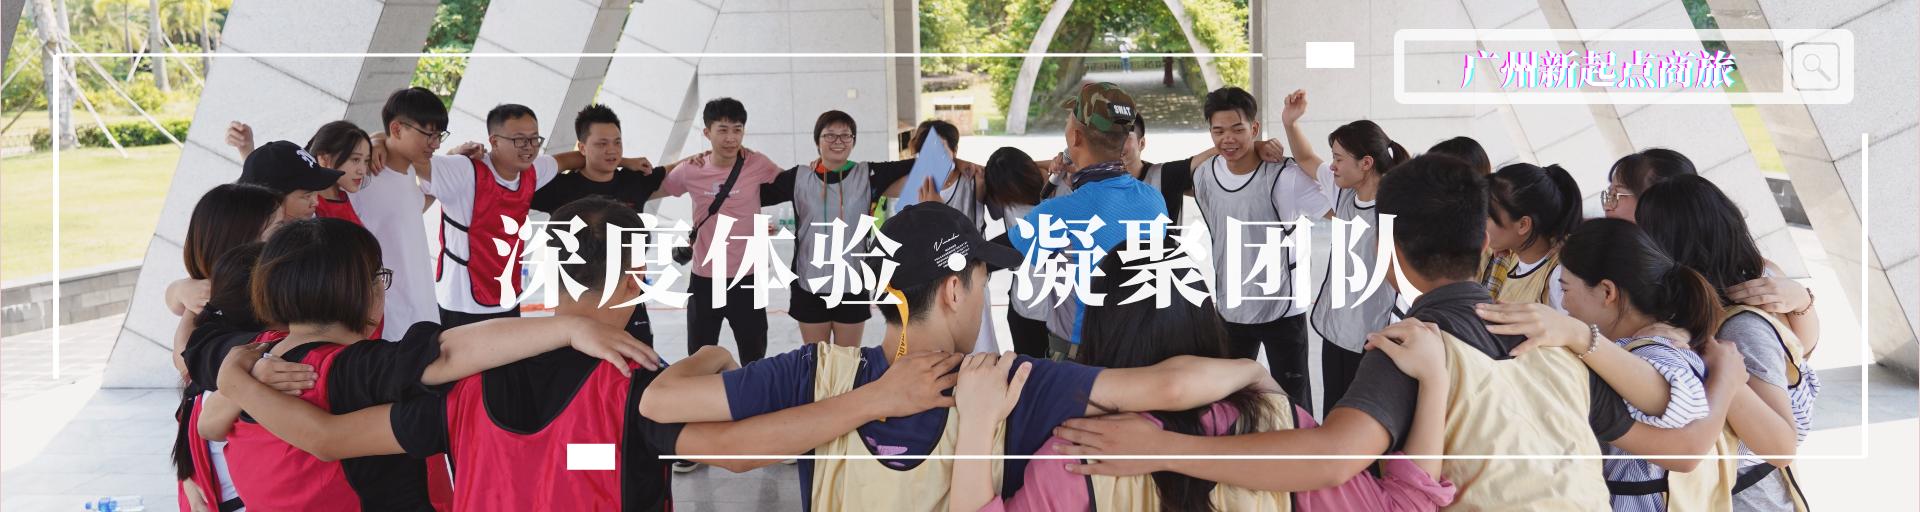 广州户外拓展-广州拓展训练团建活动,10年专注户外团队素质拓展培训公司,创新拓展项目+专业拓展基地,员工快速提升凝聚力!